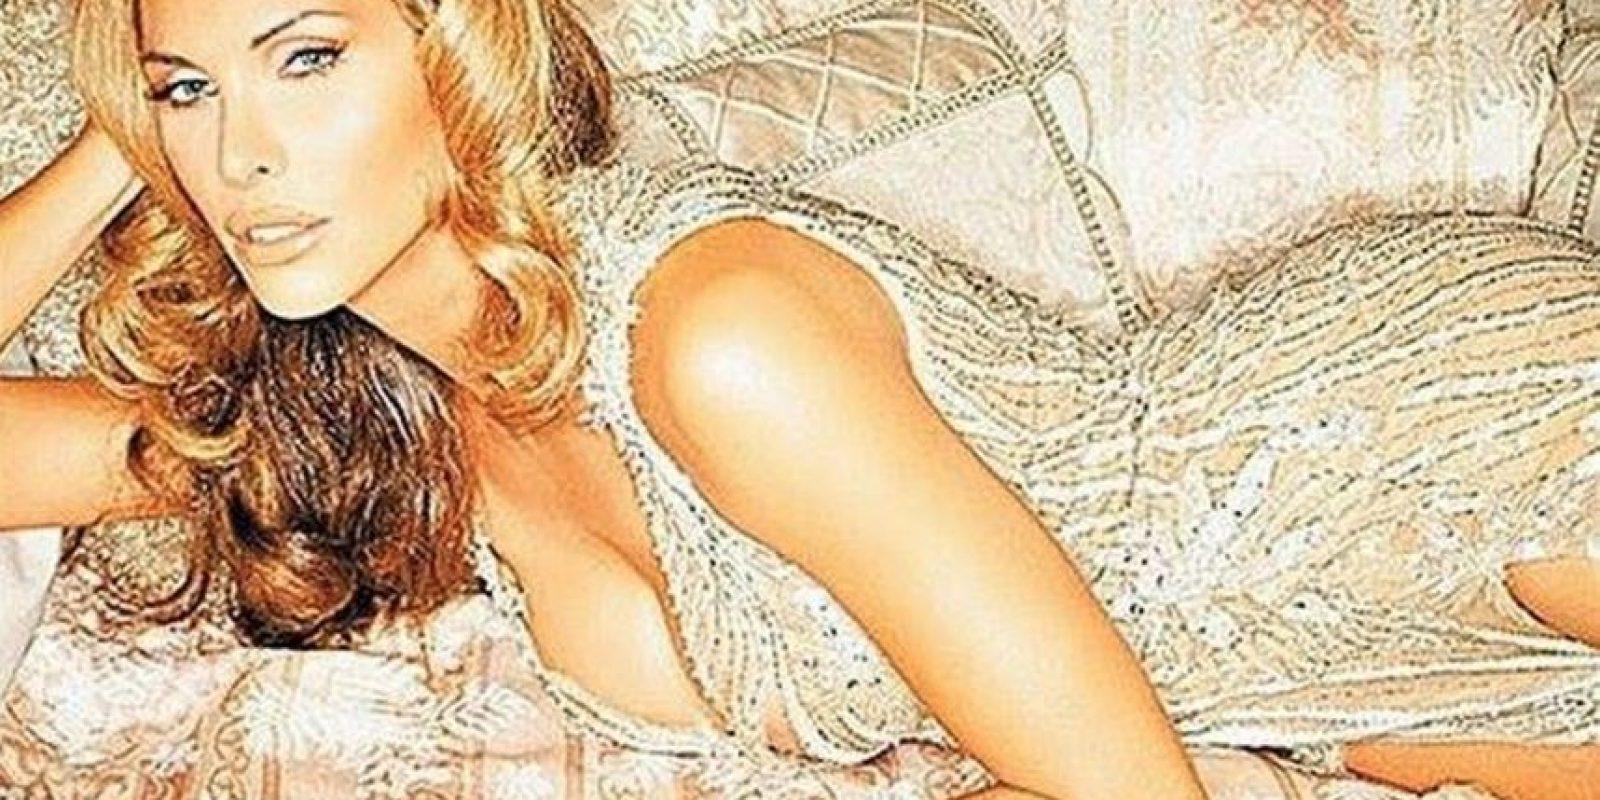 """Cayne llamó la atención en 2007 por interpretar a la amante transexual """"Carmelita"""" en la serie de la cadena ABC """"Dirty Sexy Money"""" Foto:Vía instagram.com/candiscayne/"""